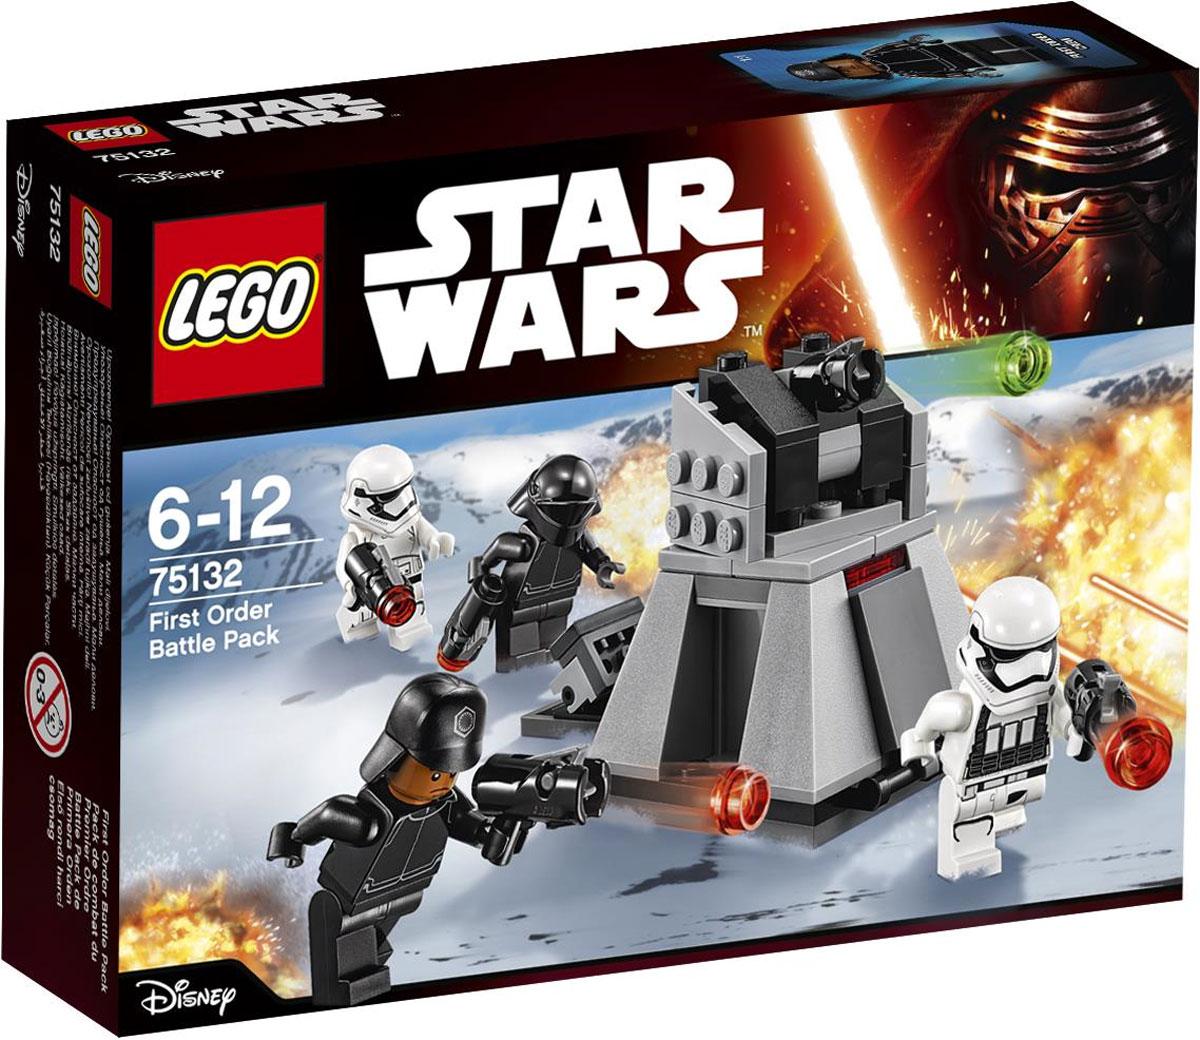 LEGO Star Wars Конструктор Боевой набор Первого Ордена 75132 конструктор lego star wars боевой набор сопротивления 75131